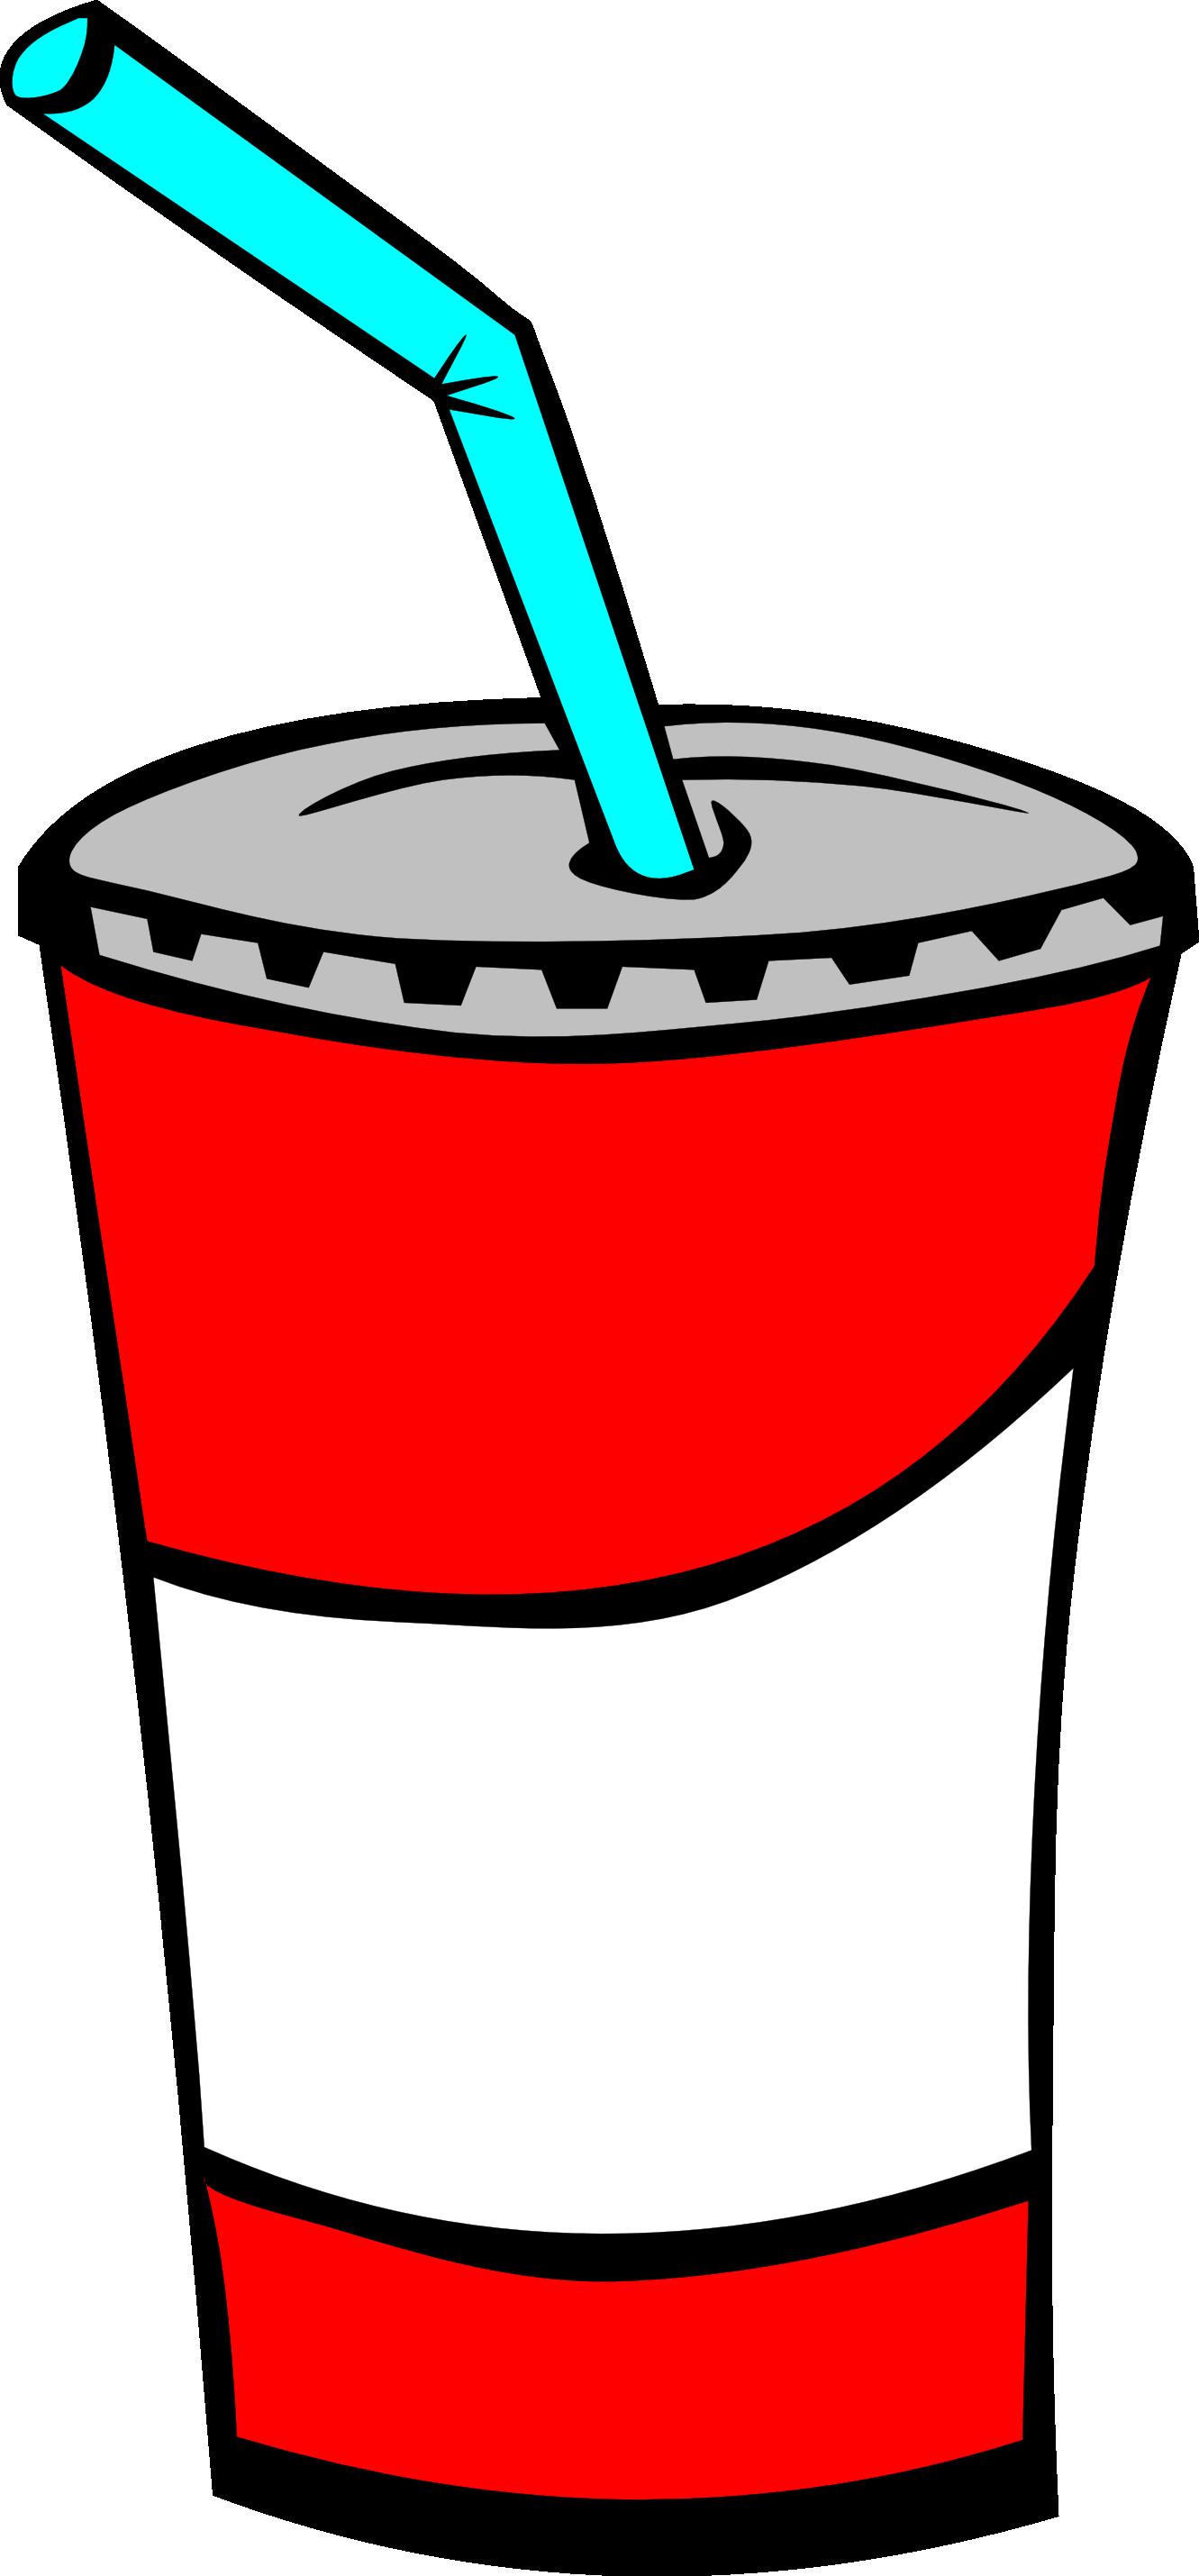 1331x2859 Soda Clipart Junk Food